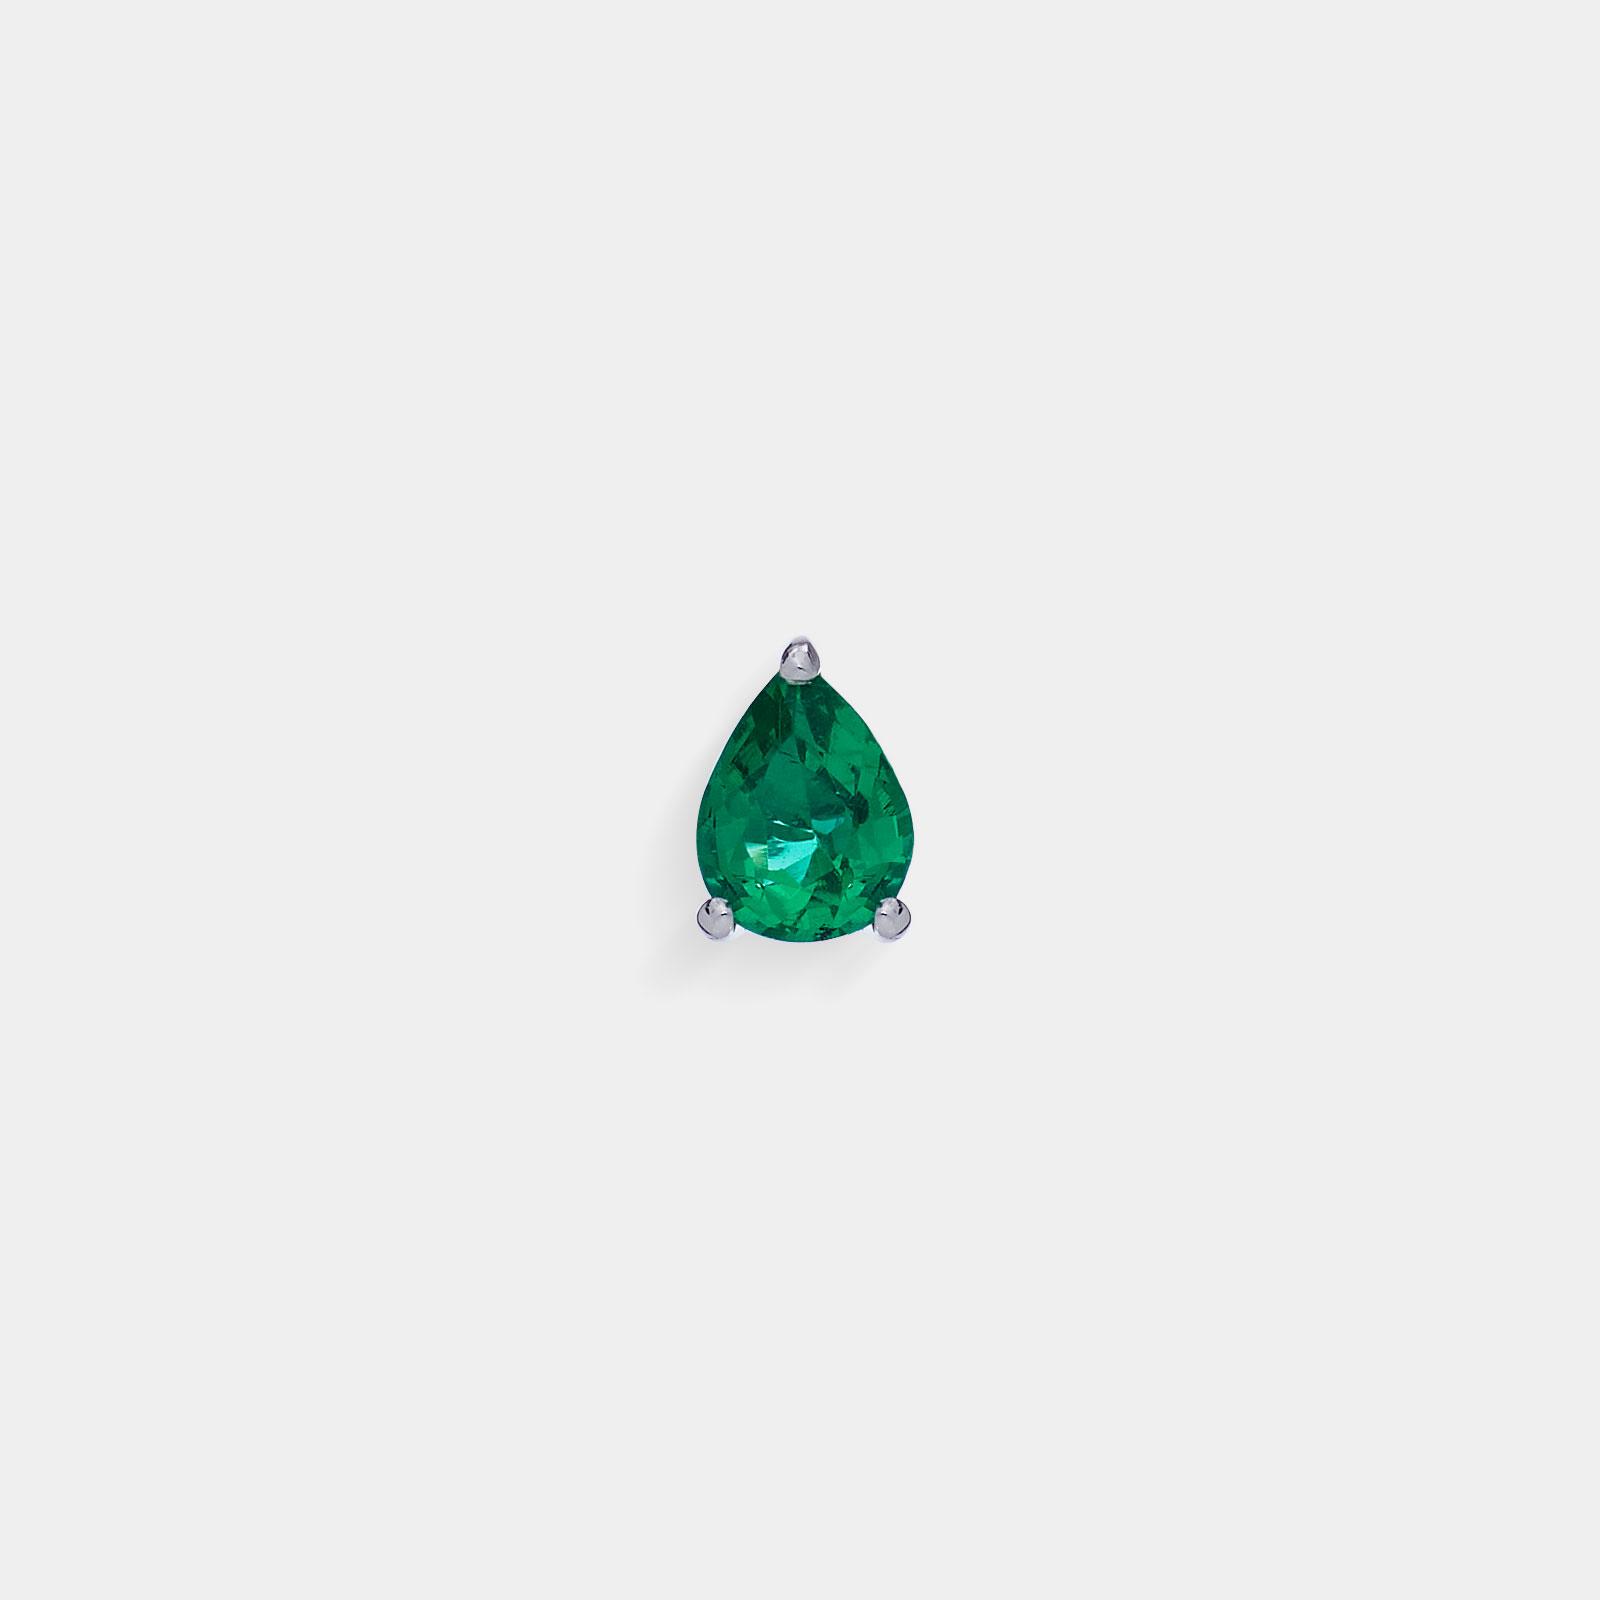 Mono Orecchino in oro bianco goccia di smeraldo - Rosanna Cattolico gioielli